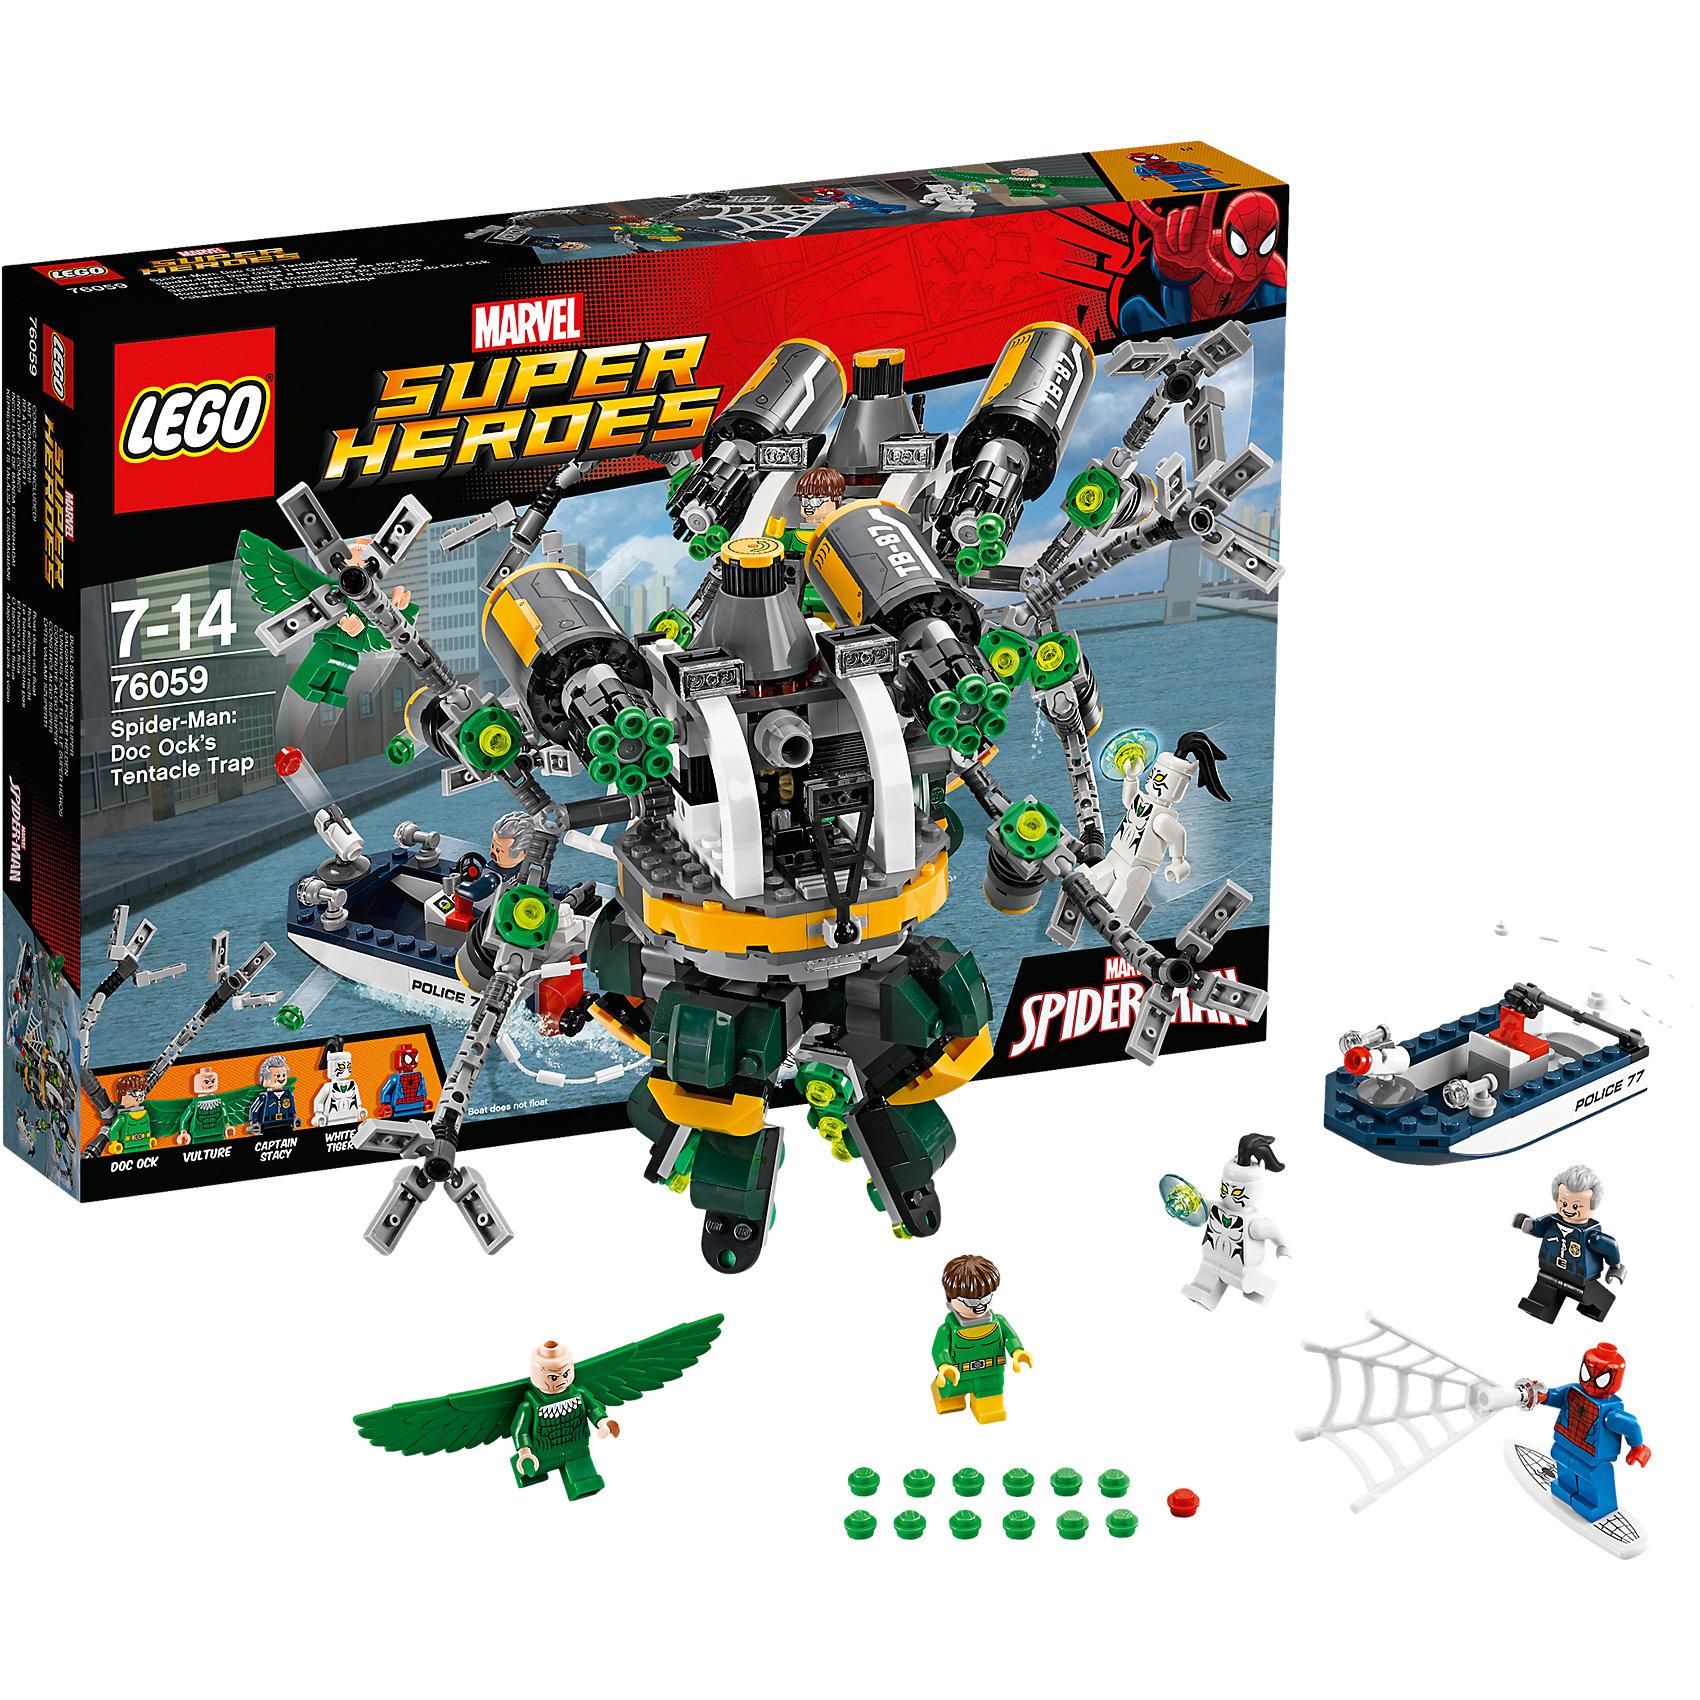 LEGO Super Heroes 76059: Человек-паук: в ловушке Доктора ОсьминогаЧеловека-Паука обожает множество современных мальчишек, поэтому набор Лего, из которого можно собрать разные сюжеты про его подвиги, обязательно порадует ребенка. Такие игрушки помогают детям развивать воображение, мелкую моторику, логику и творческое мышление.<br>Набор состоит из множества деталей, с помощью которых можно  собрать декорации для супергероя, а также в нем есть фигурки любимых персонажей и злодеев! С таким комплектом можно придумать множество игр!<br><br>Дополнительная информация:<br><br>цвет: разноцветный;<br>материал: пластик;<br>количество деталей: 446.<br><br>Набор Человек-паук: в ловушке Доктора Осьминога от бренда LEGO Super Heroes можно купить в нашем магазине.<br><br>Ширина мм: 385<br>Глубина мм: 261<br>Высота мм: 60<br>Вес г: 621<br>Возраст от месяцев: 84<br>Возраст до месяцев: 168<br>Пол: Мужской<br>Возраст: Детский<br>SKU: 4641199